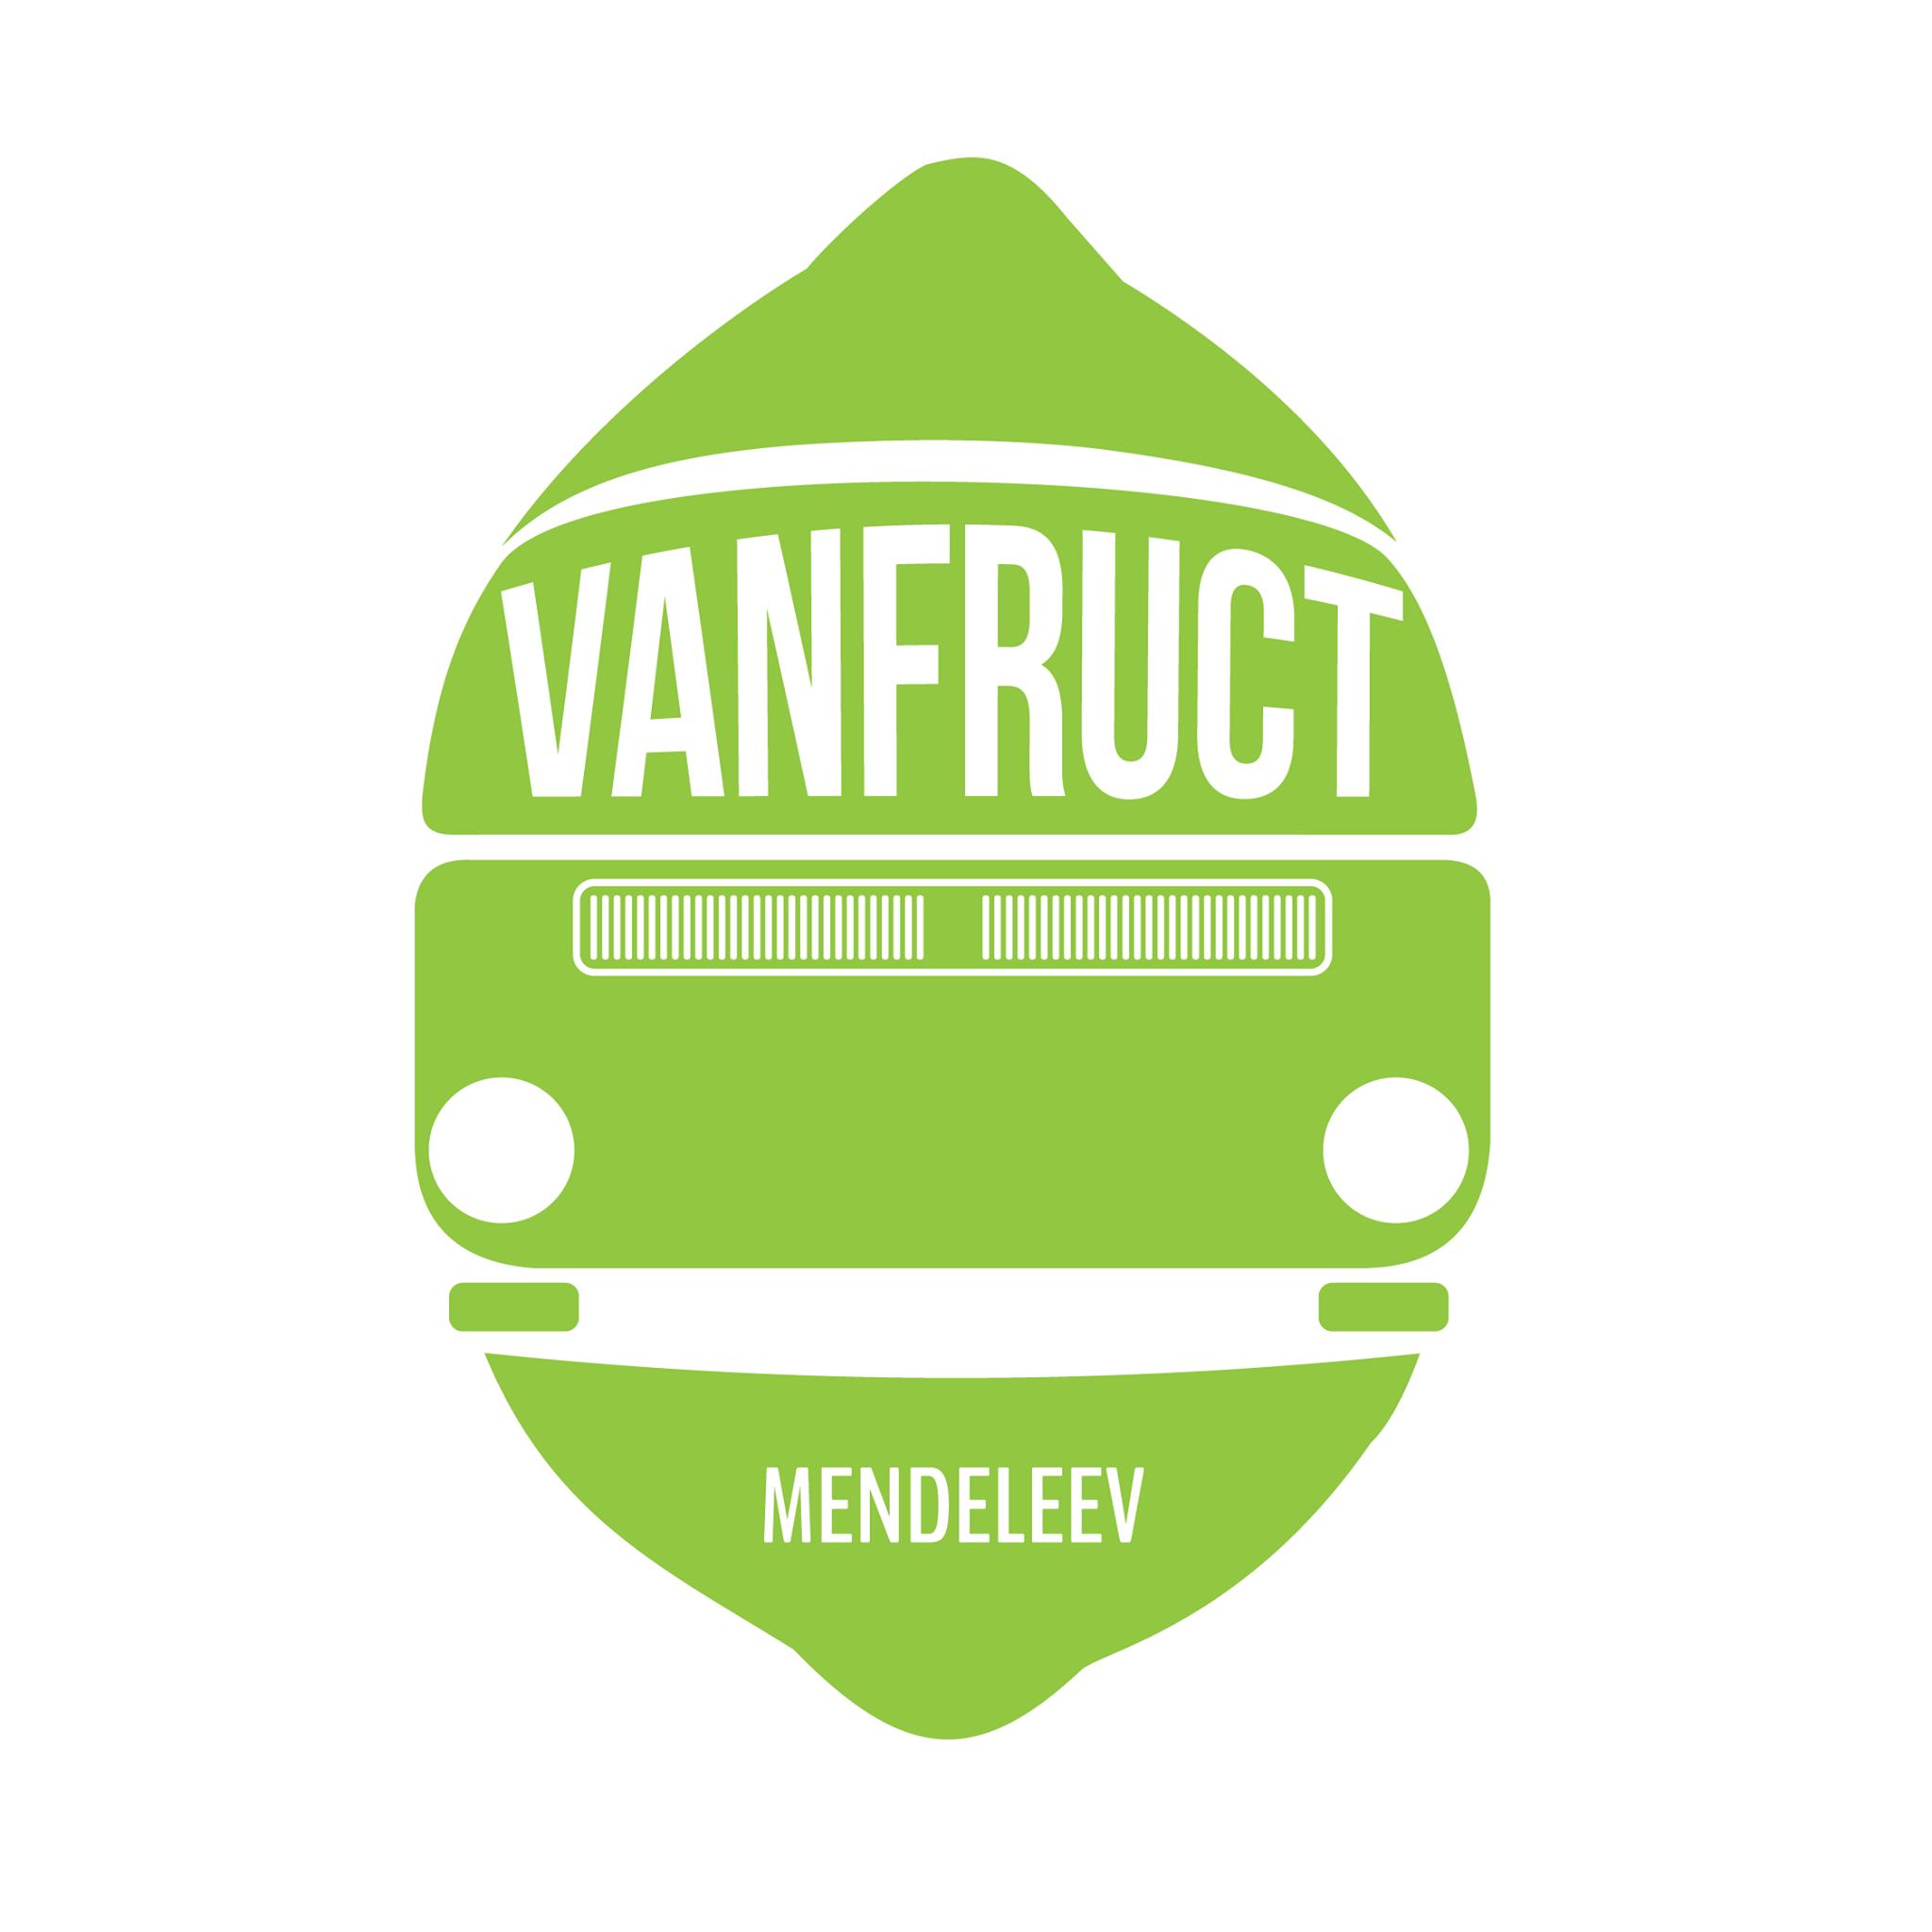 VanFruct Mendeleev